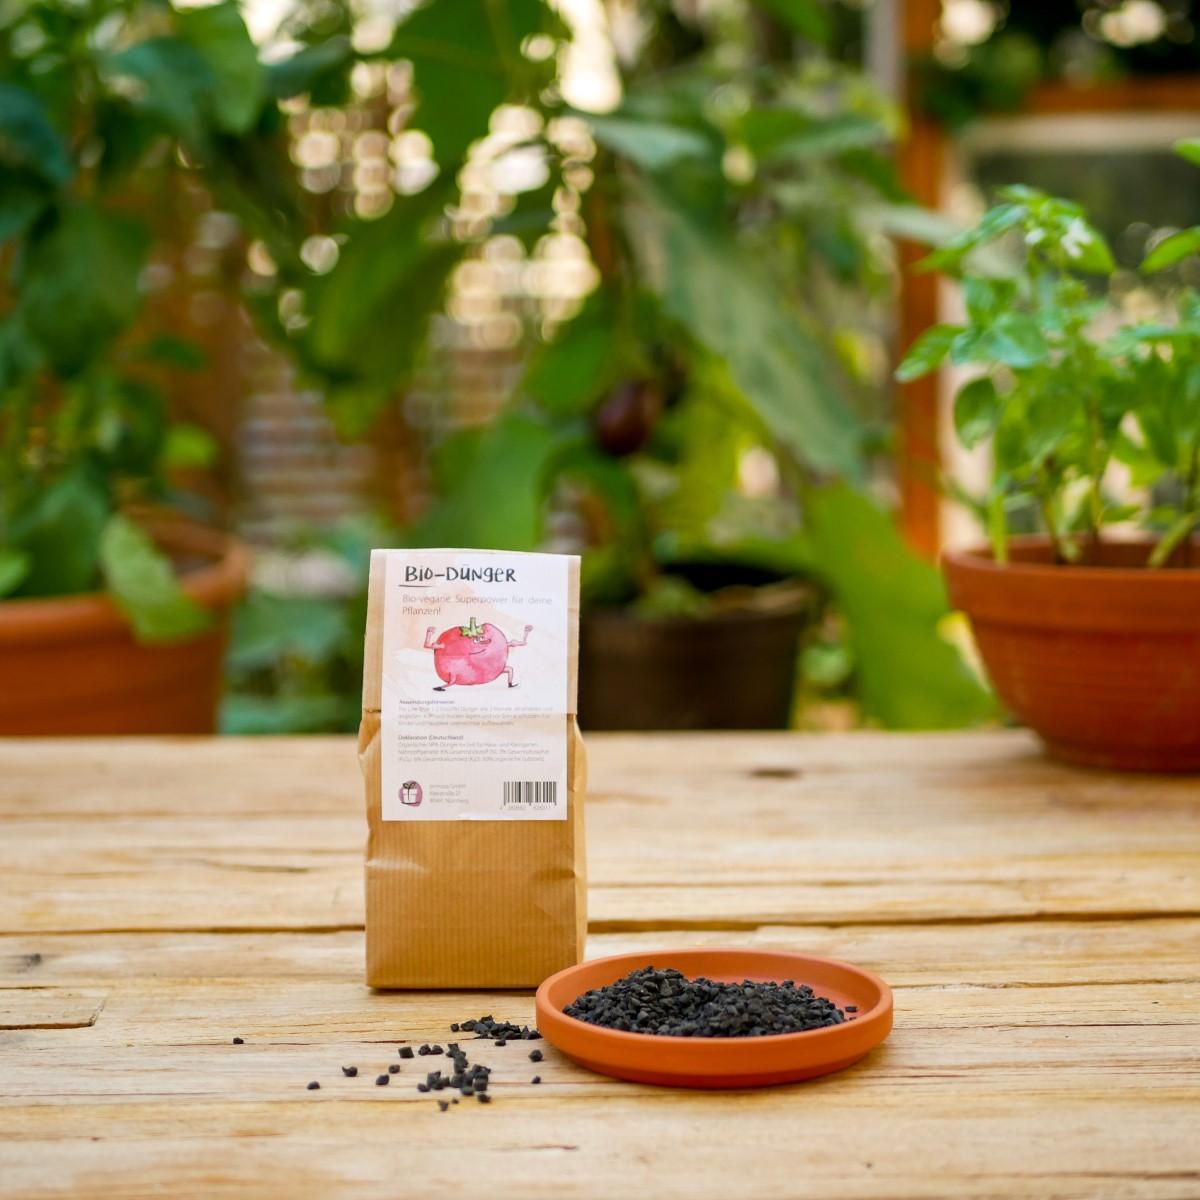 Bio-veganer Dünger in Papierverpackung steht auf einem Holztisch in einem Garten in der Stadt